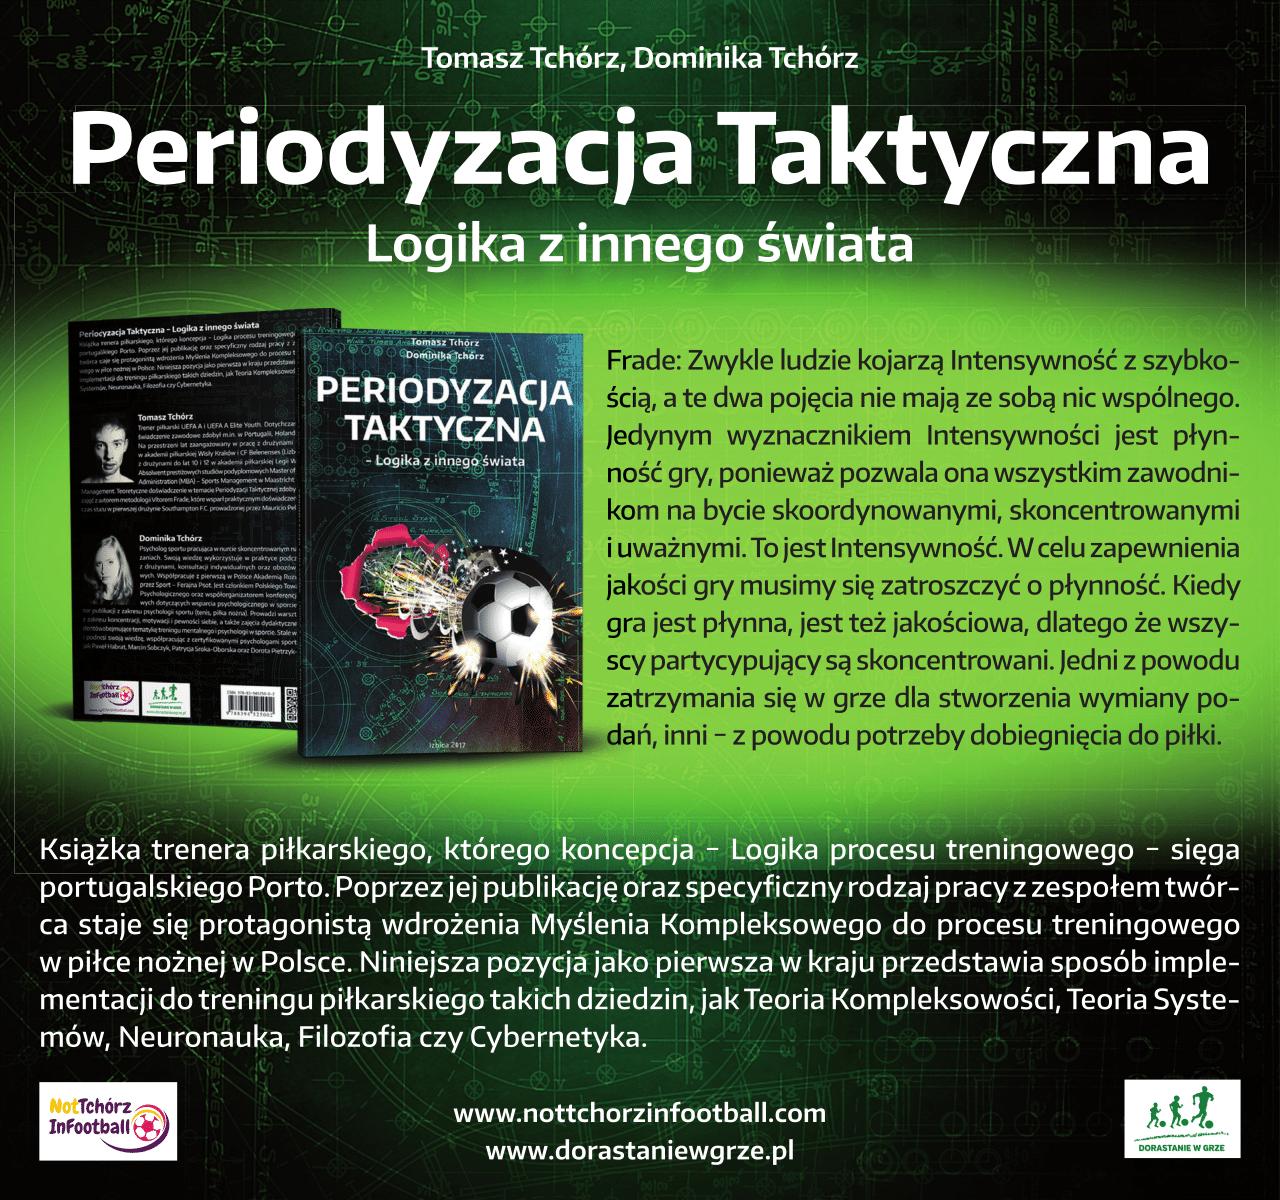 Pierwsza książka o Periodyzacji Taktycznej Vítora Frade w Polsce dostępna!